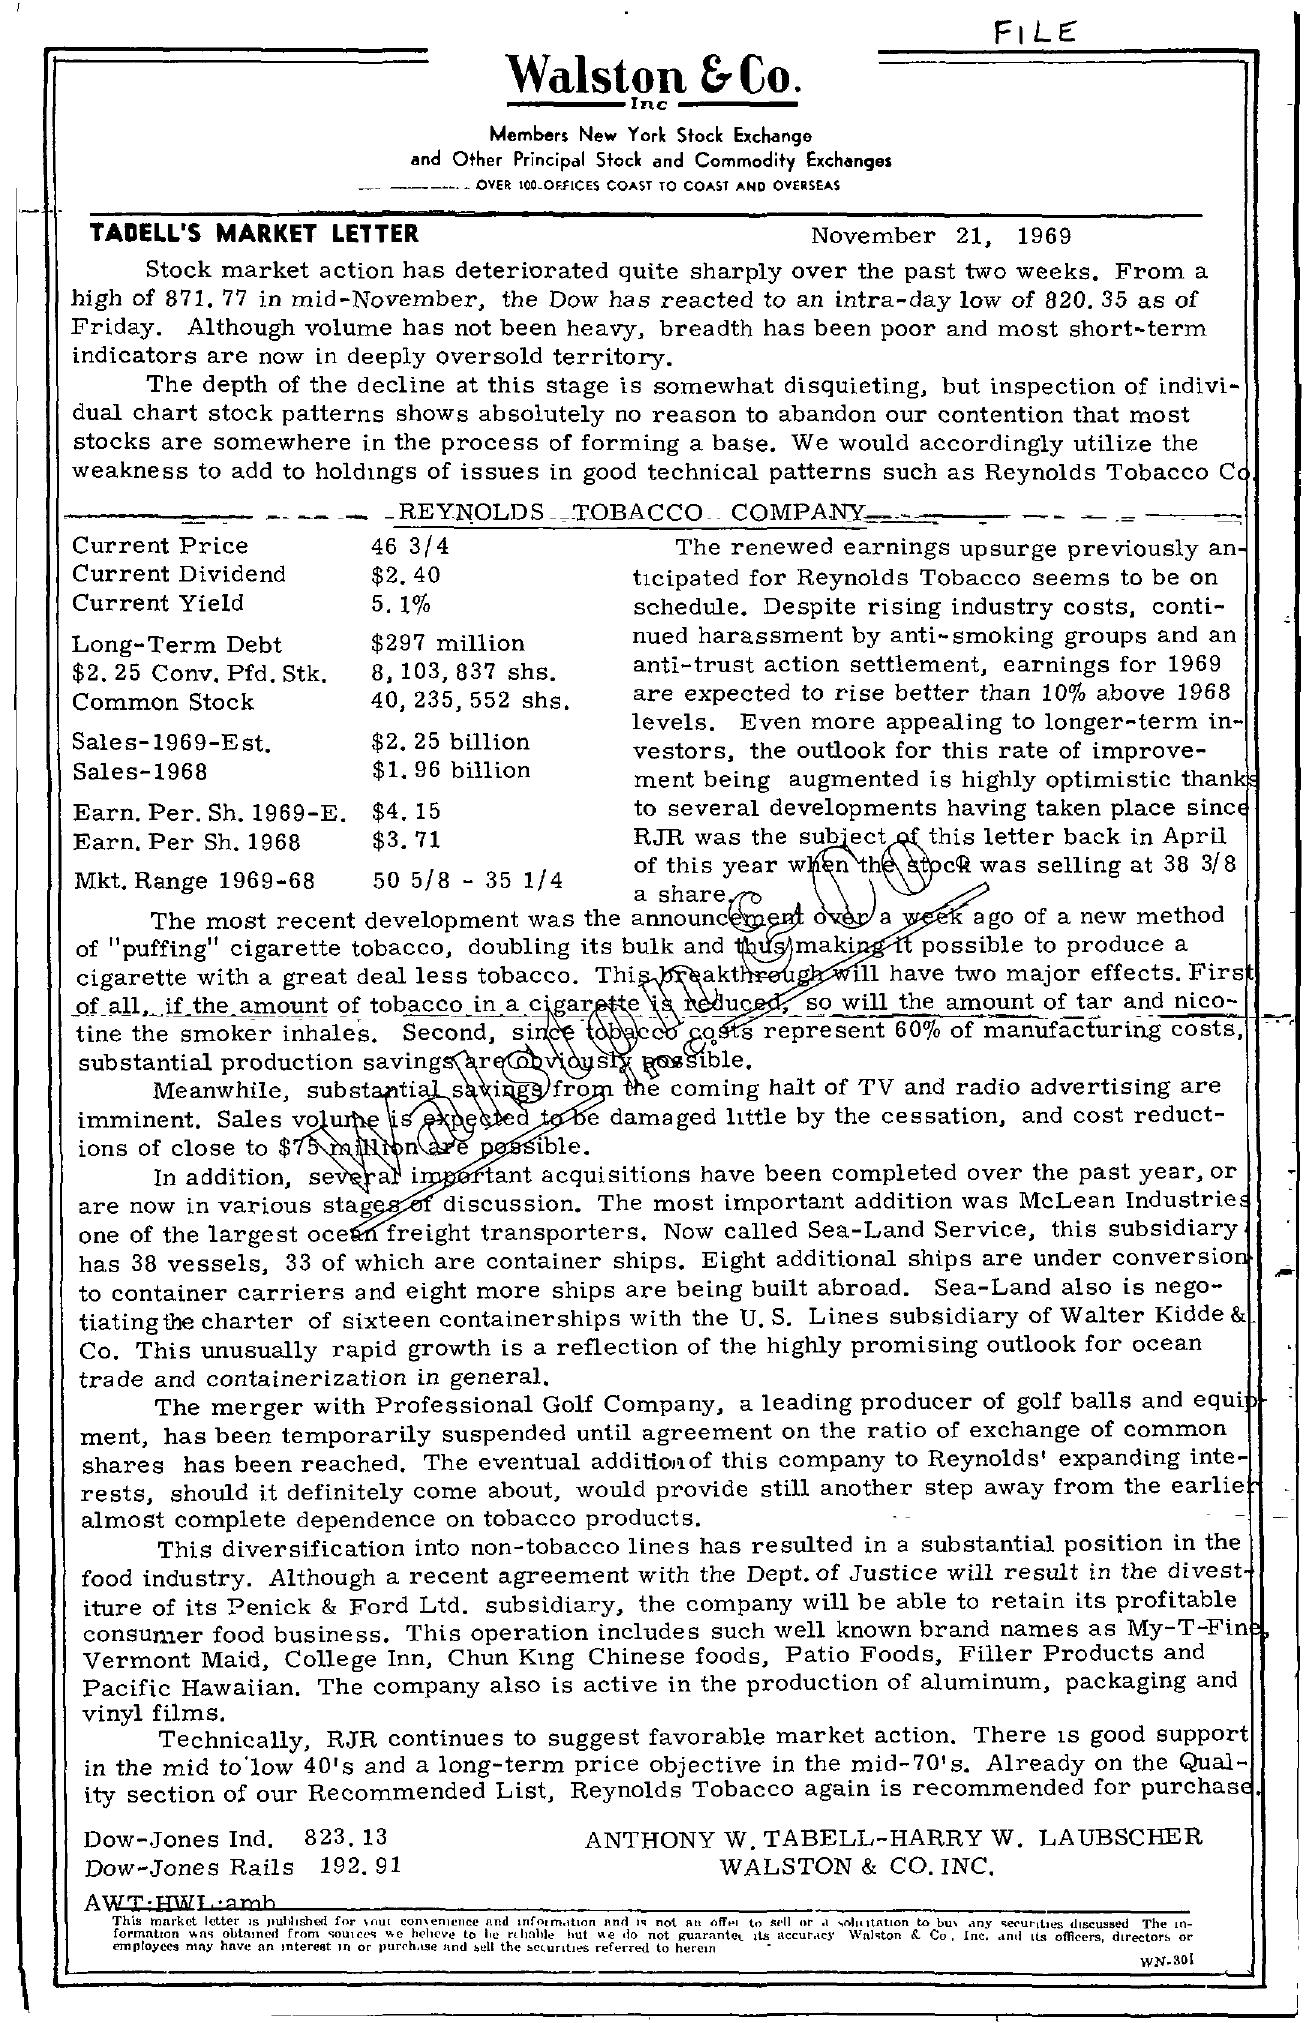 Tabell's Market Letter - November 21, 1969